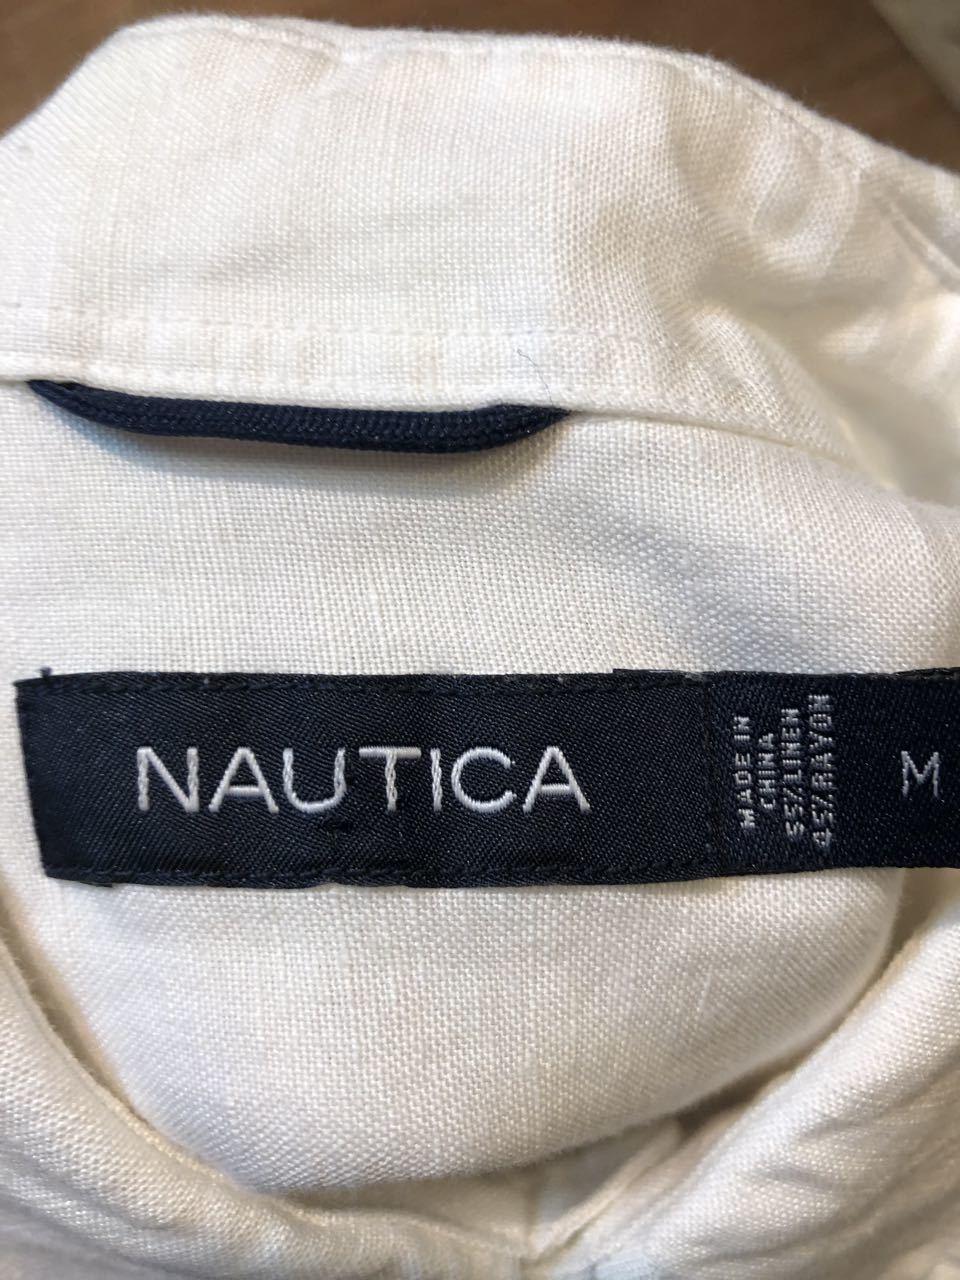 6月20日(土)入荷!NAUTICA  リネン×レーヨン ボックスシャツ!_c0144020_13263230.jpg